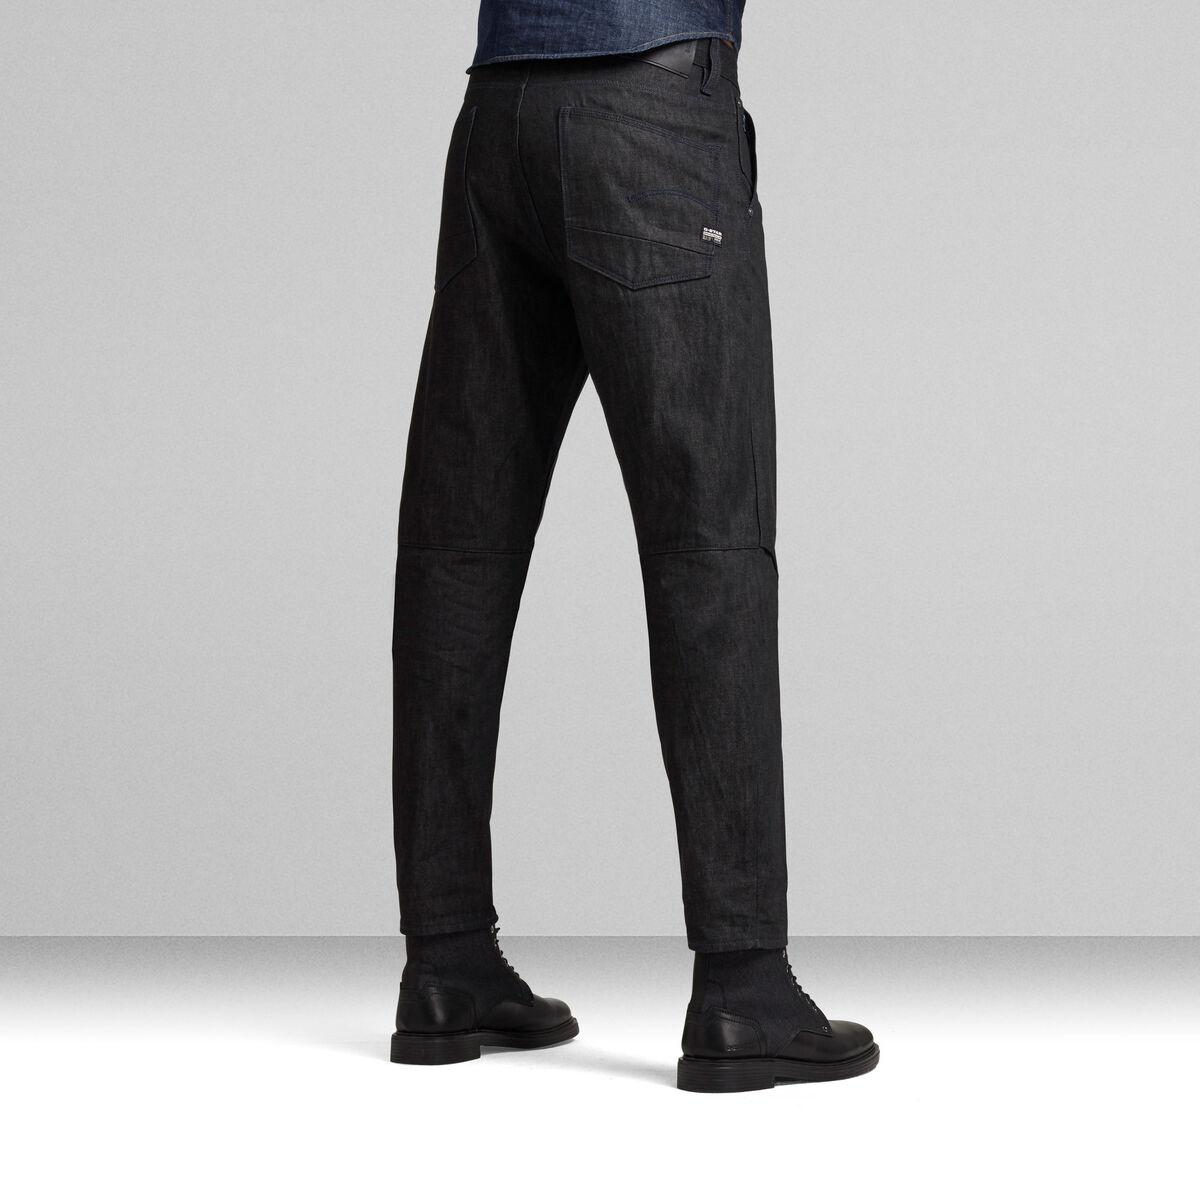 Bild 2 von Grip 3D Relaxed Tapered Jeans